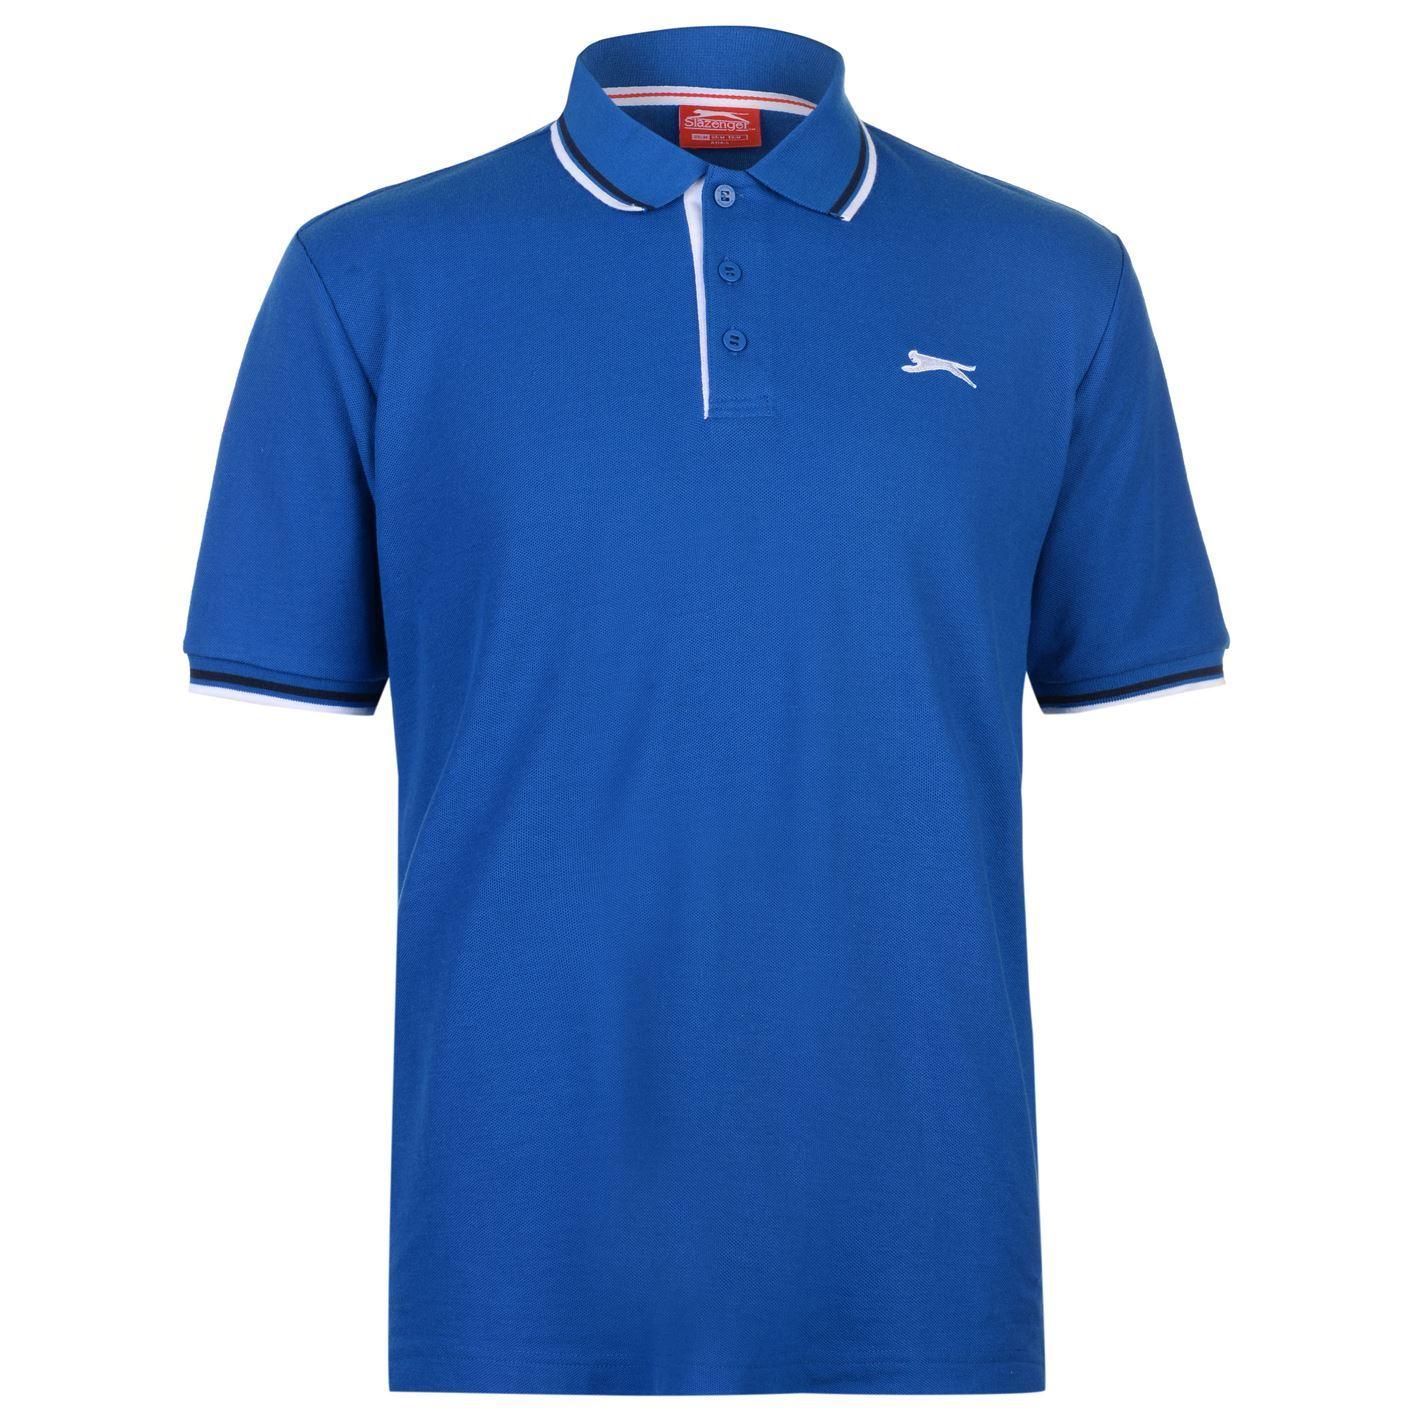 Slazenger-Polo-Camisa-de-hombre-con-cuello-con-Punta-T-Shirt-Top-Camiseta-Tee miniatura 10